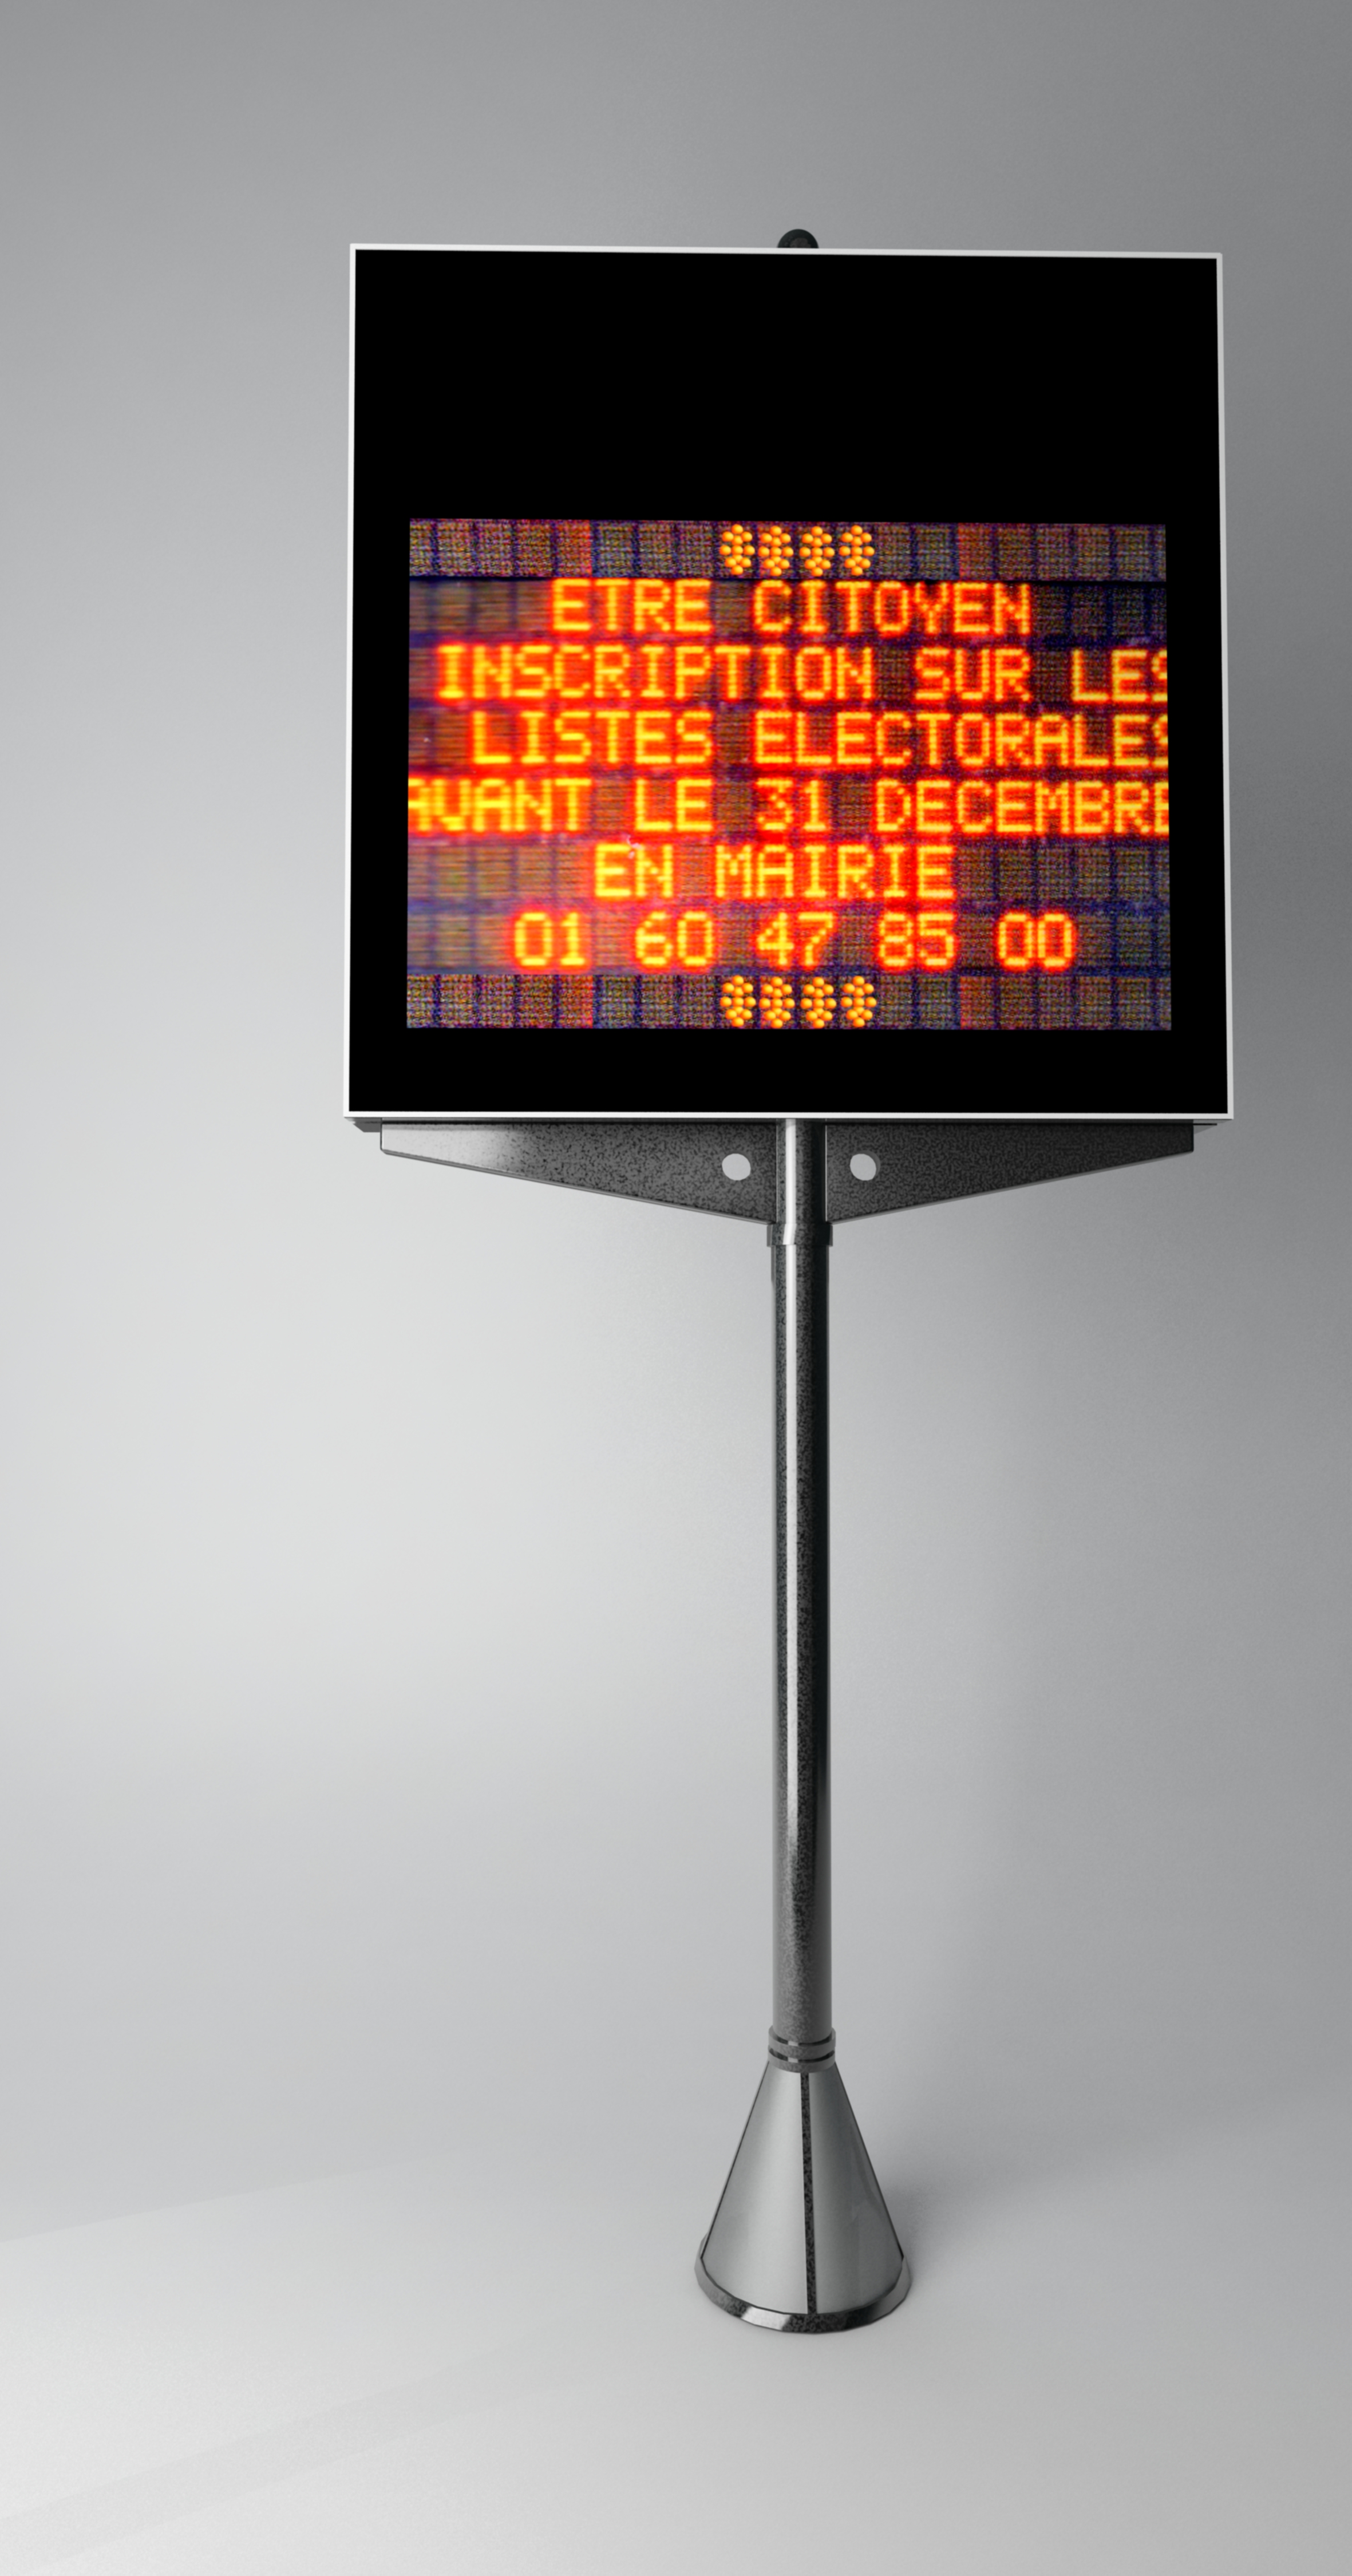 Panneau d'affichage électronique